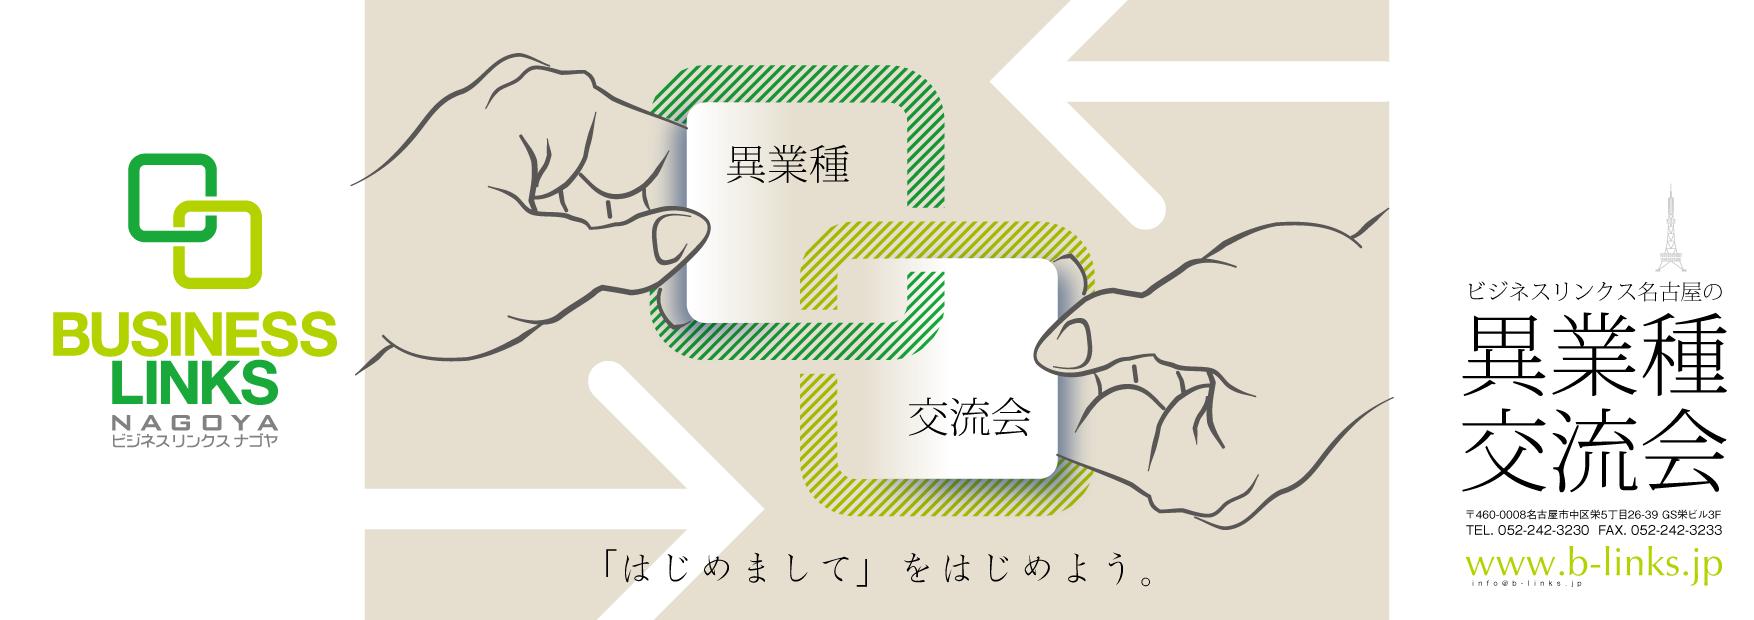 ビジネスリンクス名古屋の異業種交流会